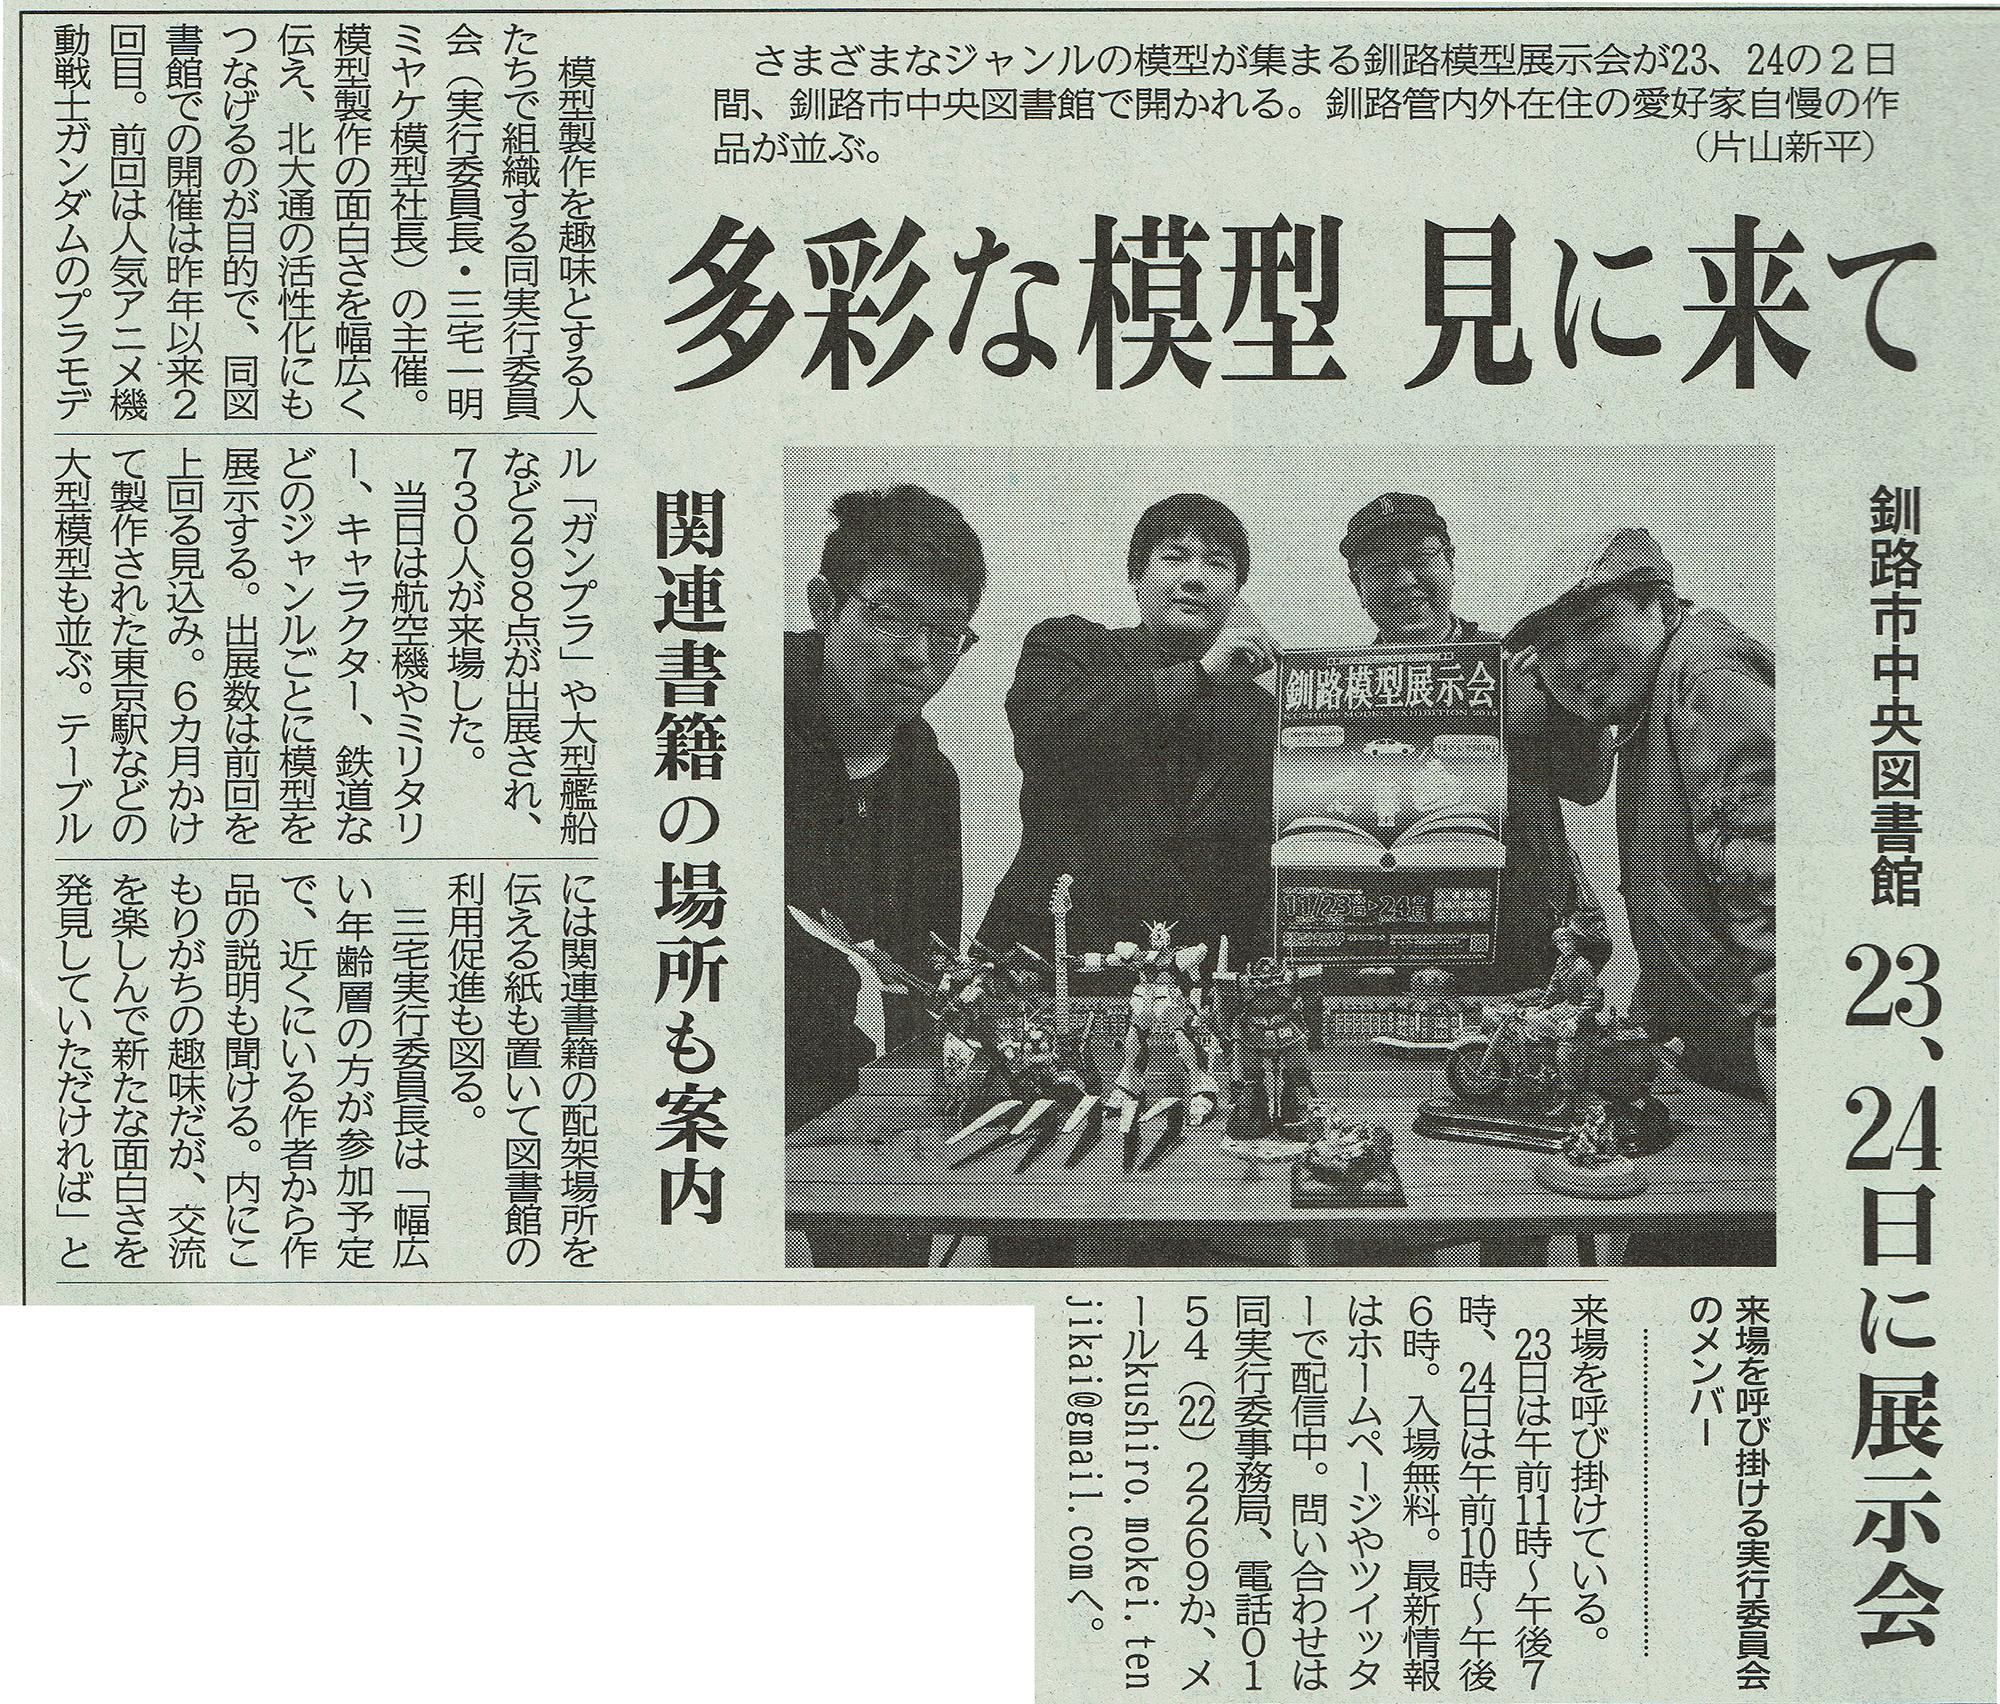 2019-11-19釧路新聞